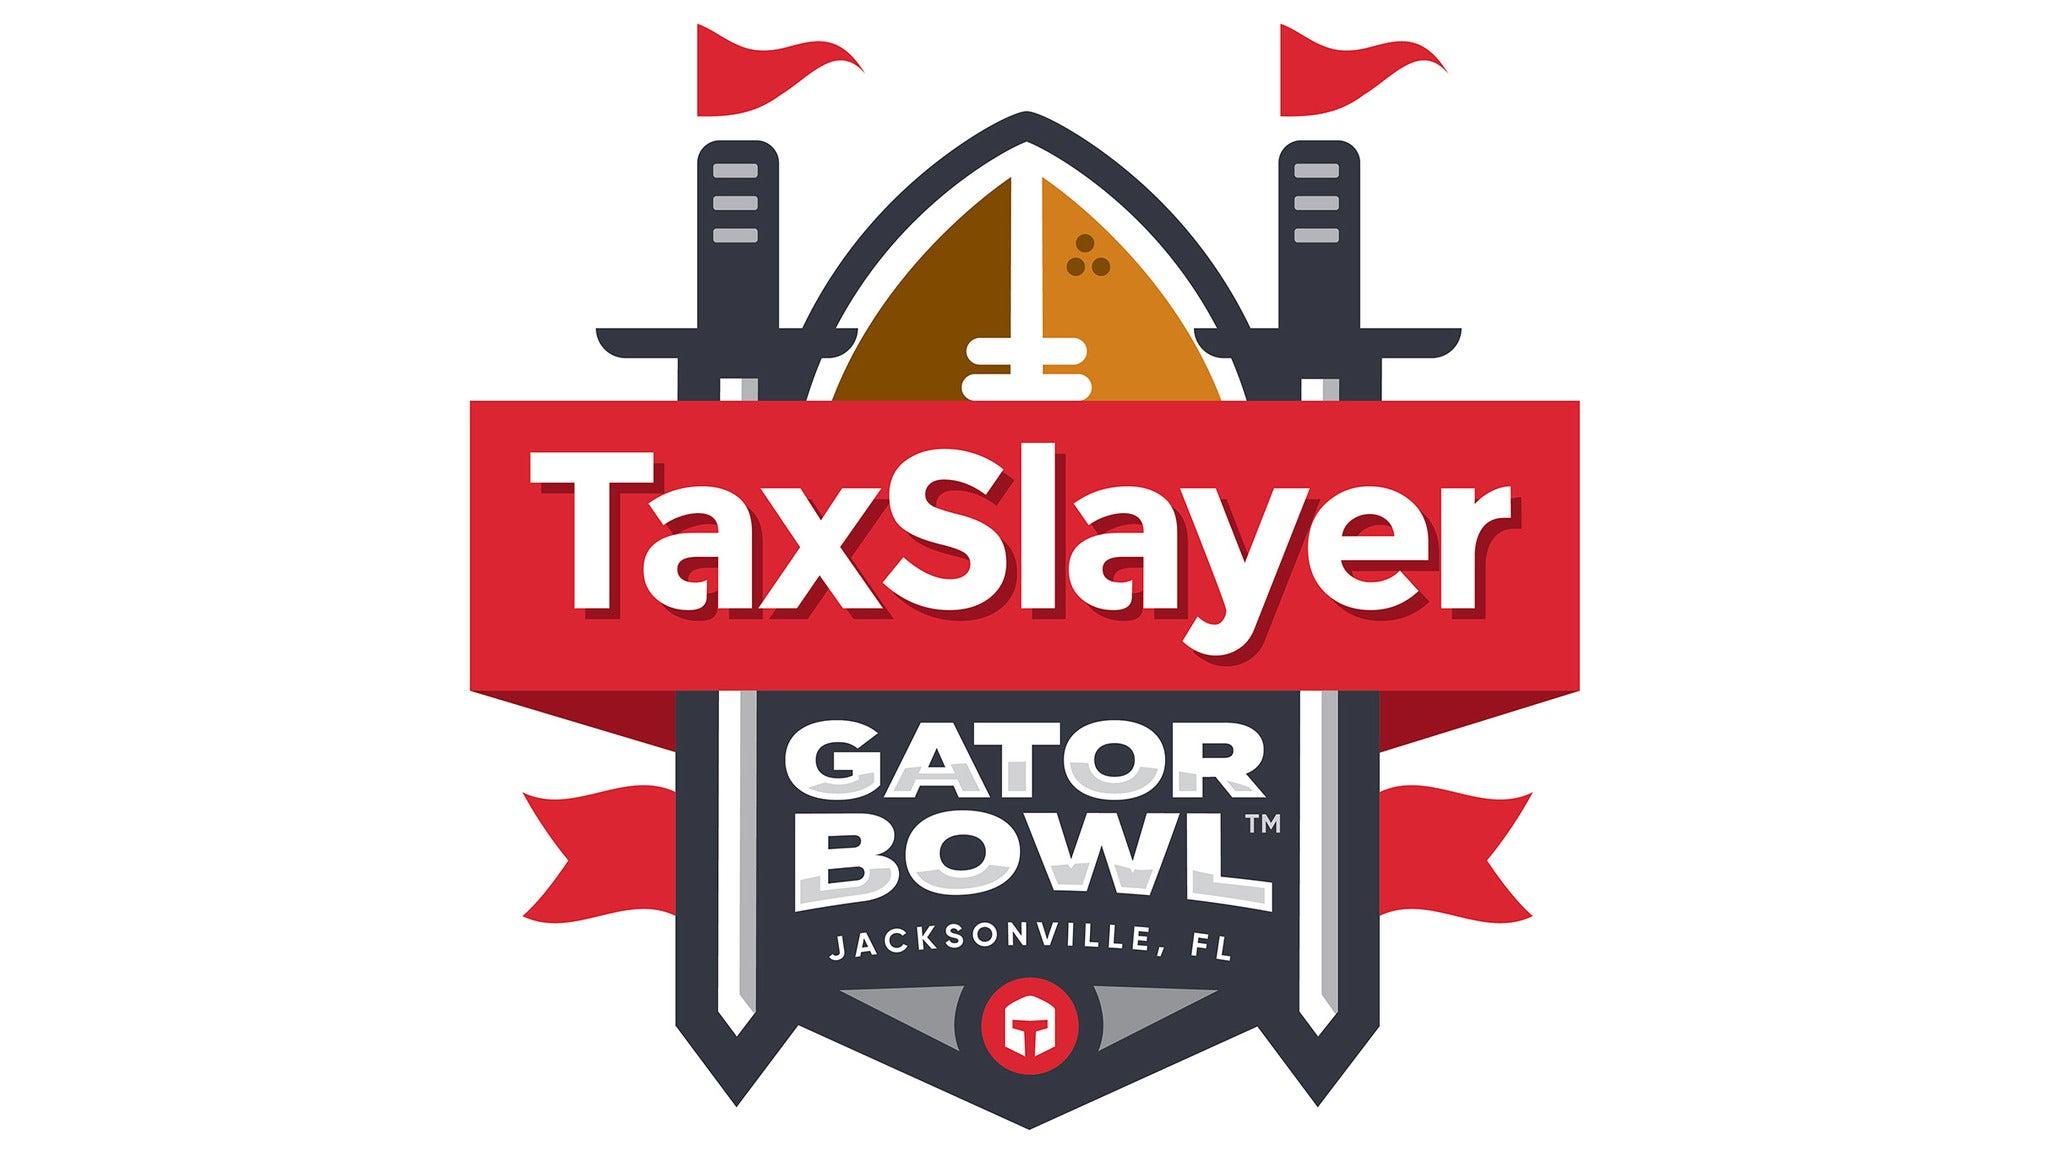 TaxSlayer Gator Bowl